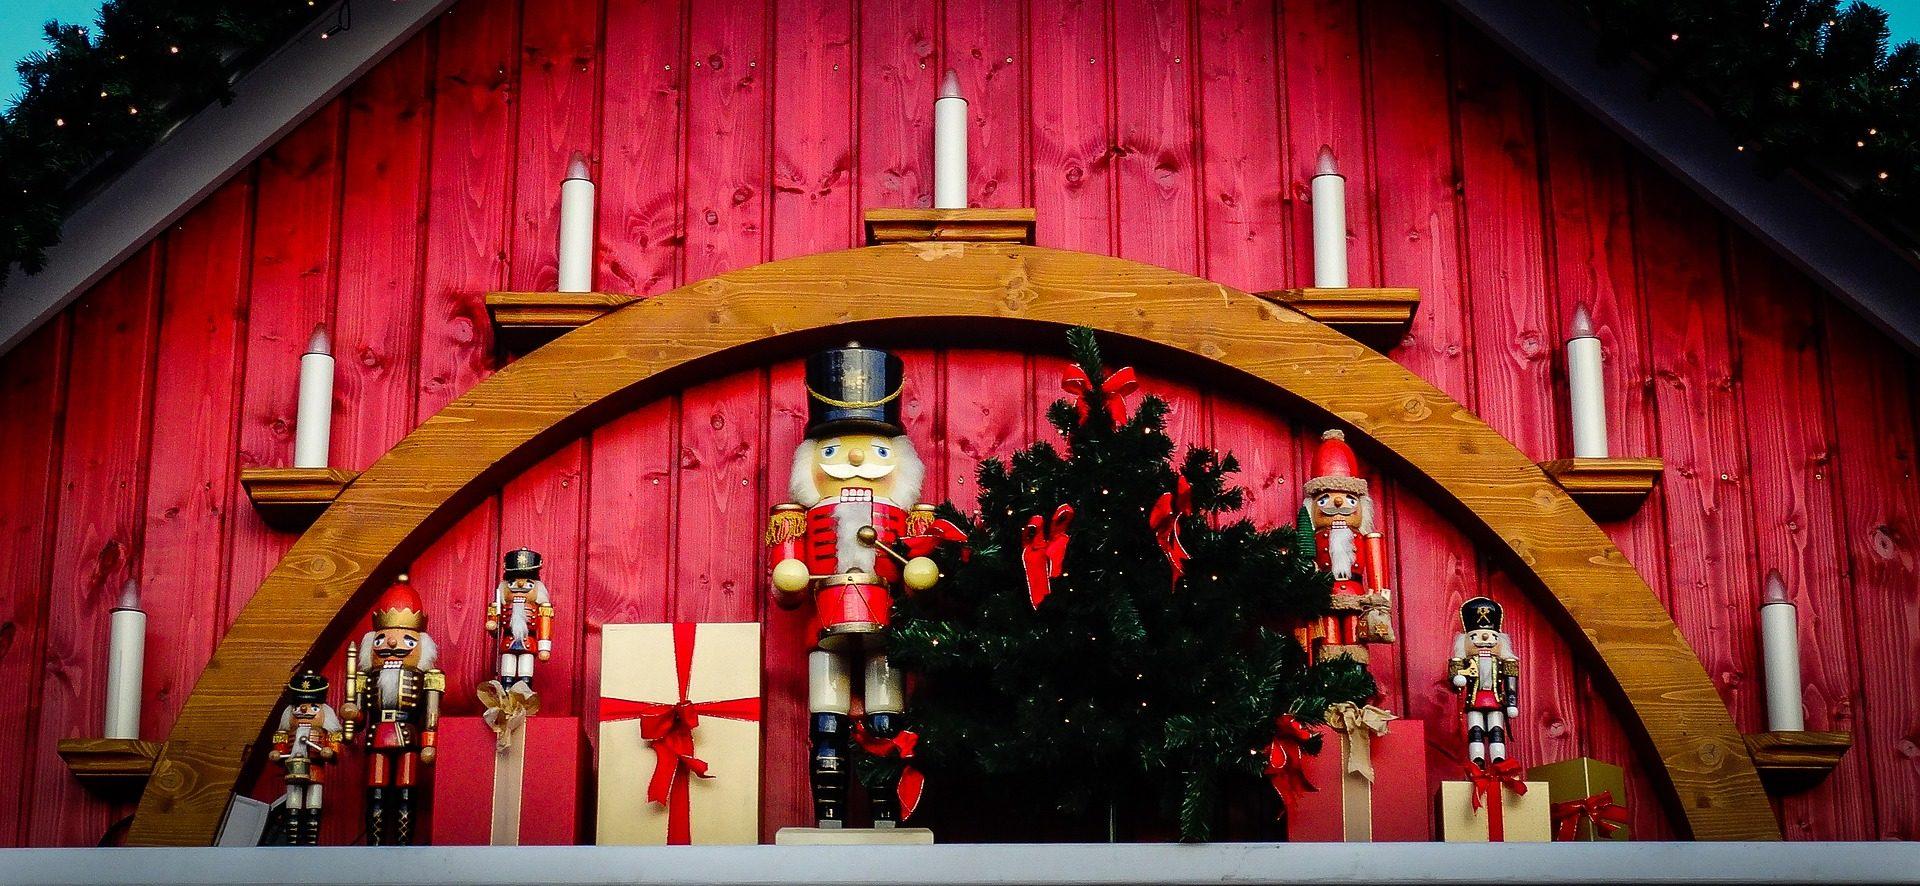 गहने, सरौता, सैनिकों, पेड़, मोमबत्तियाँ, क्रिसमस - HD वॉलपेपर - प्रोफेसर-falken.com